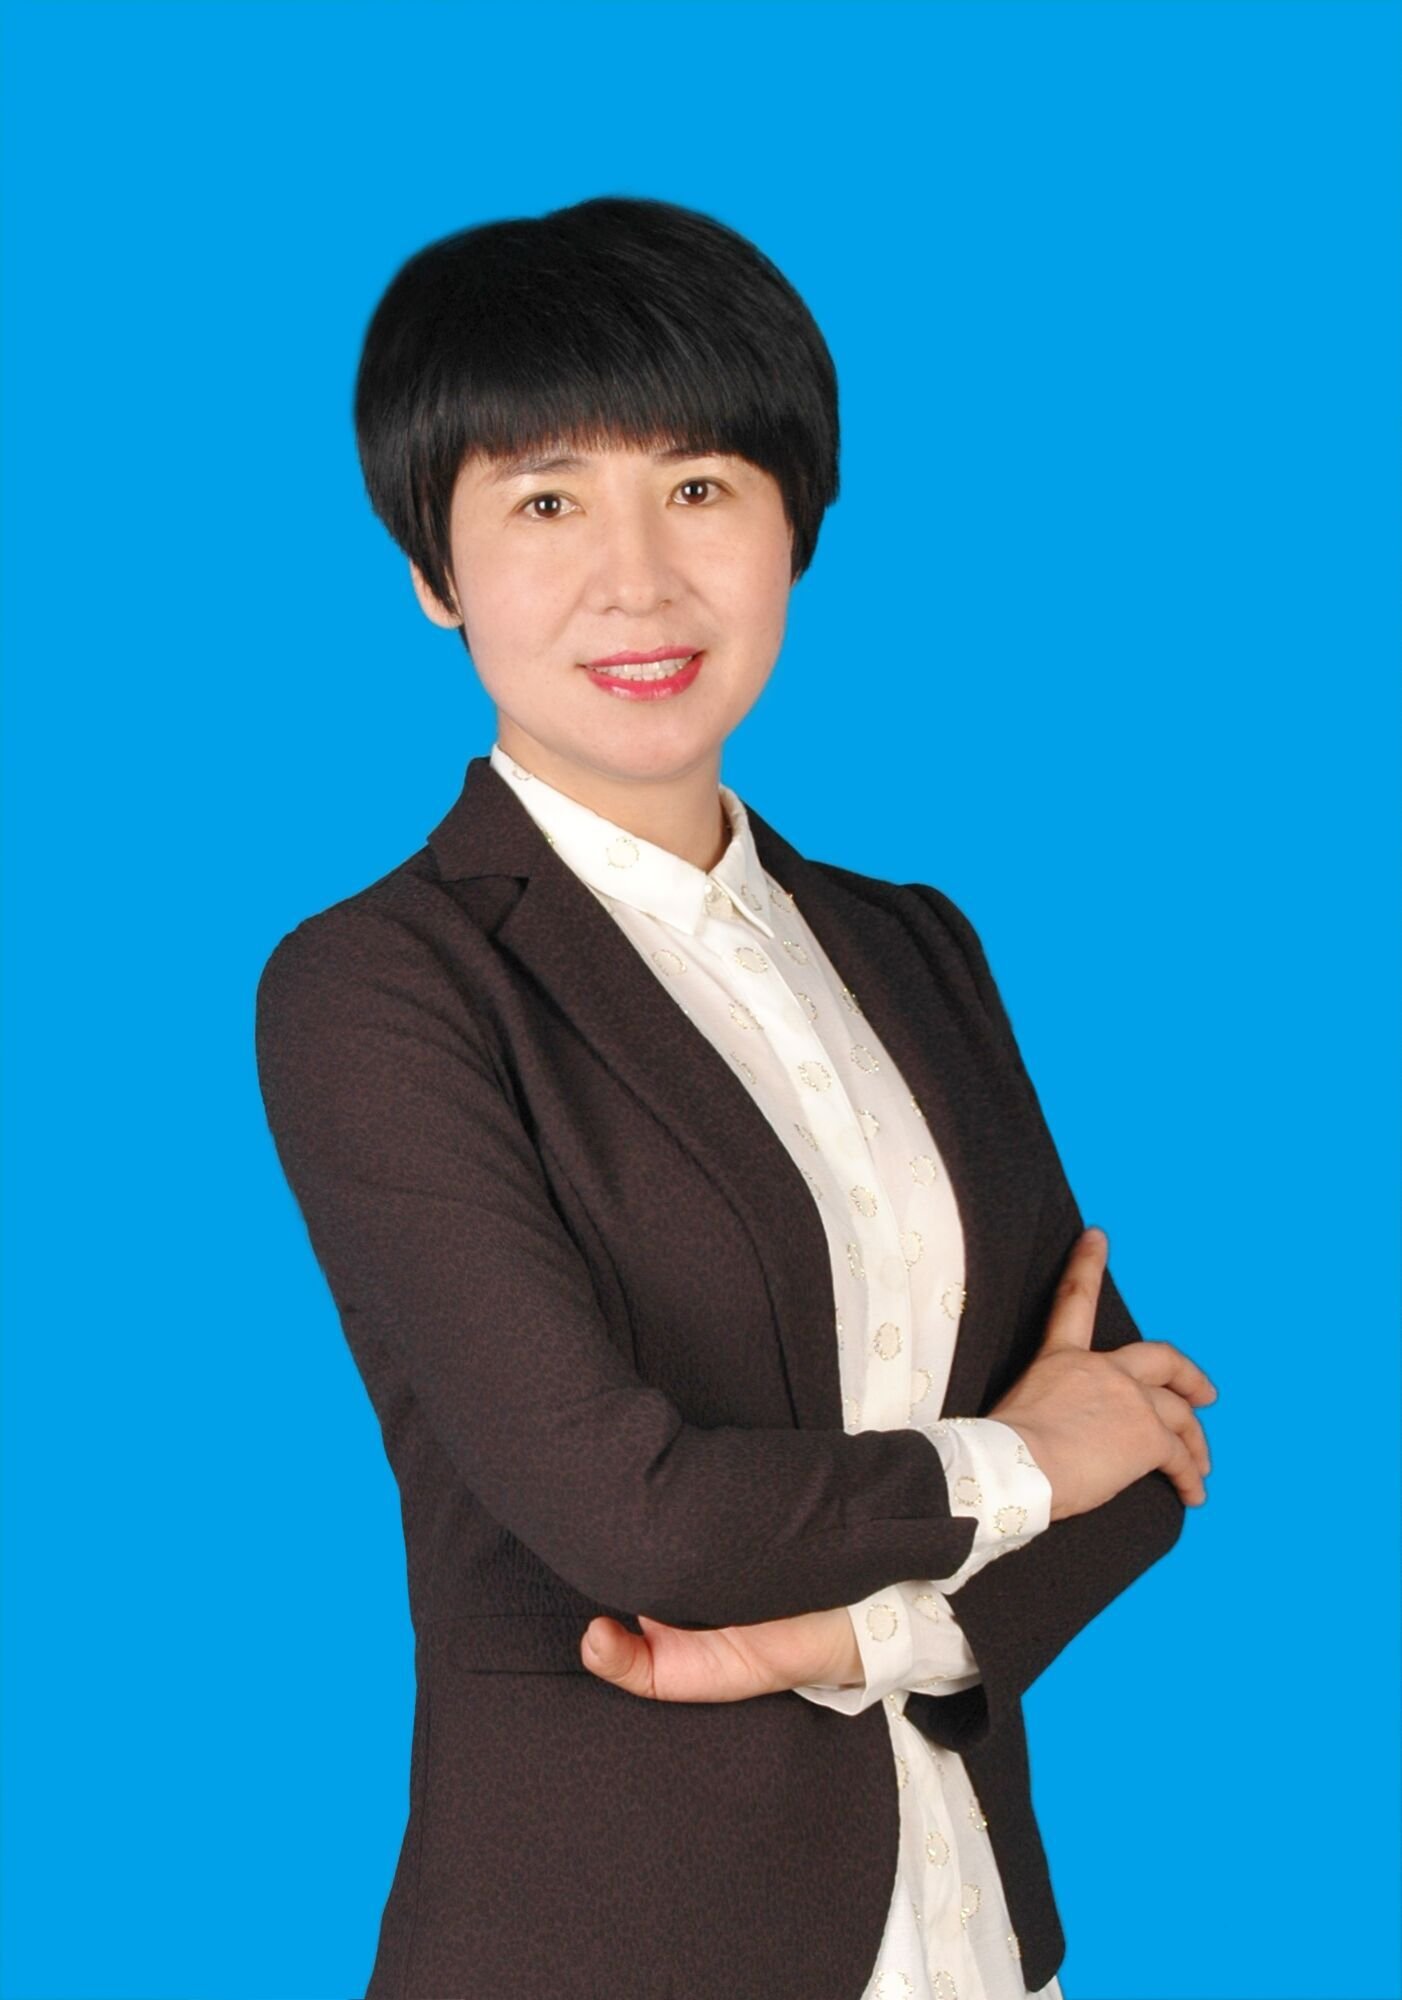 晋城律师-崔化琴